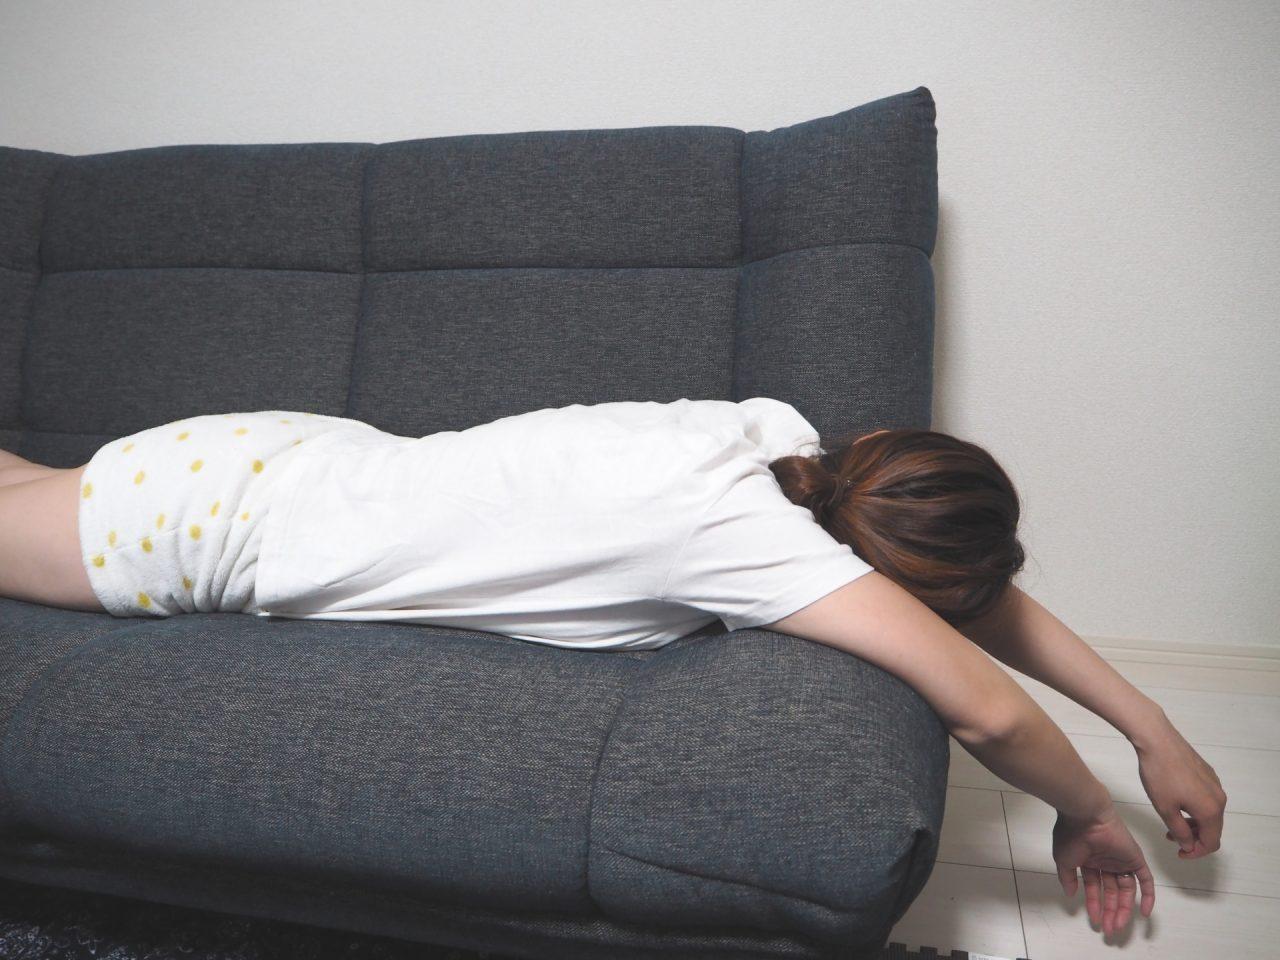 熱中症の原因は夏の湿気で体温調節ができないこと